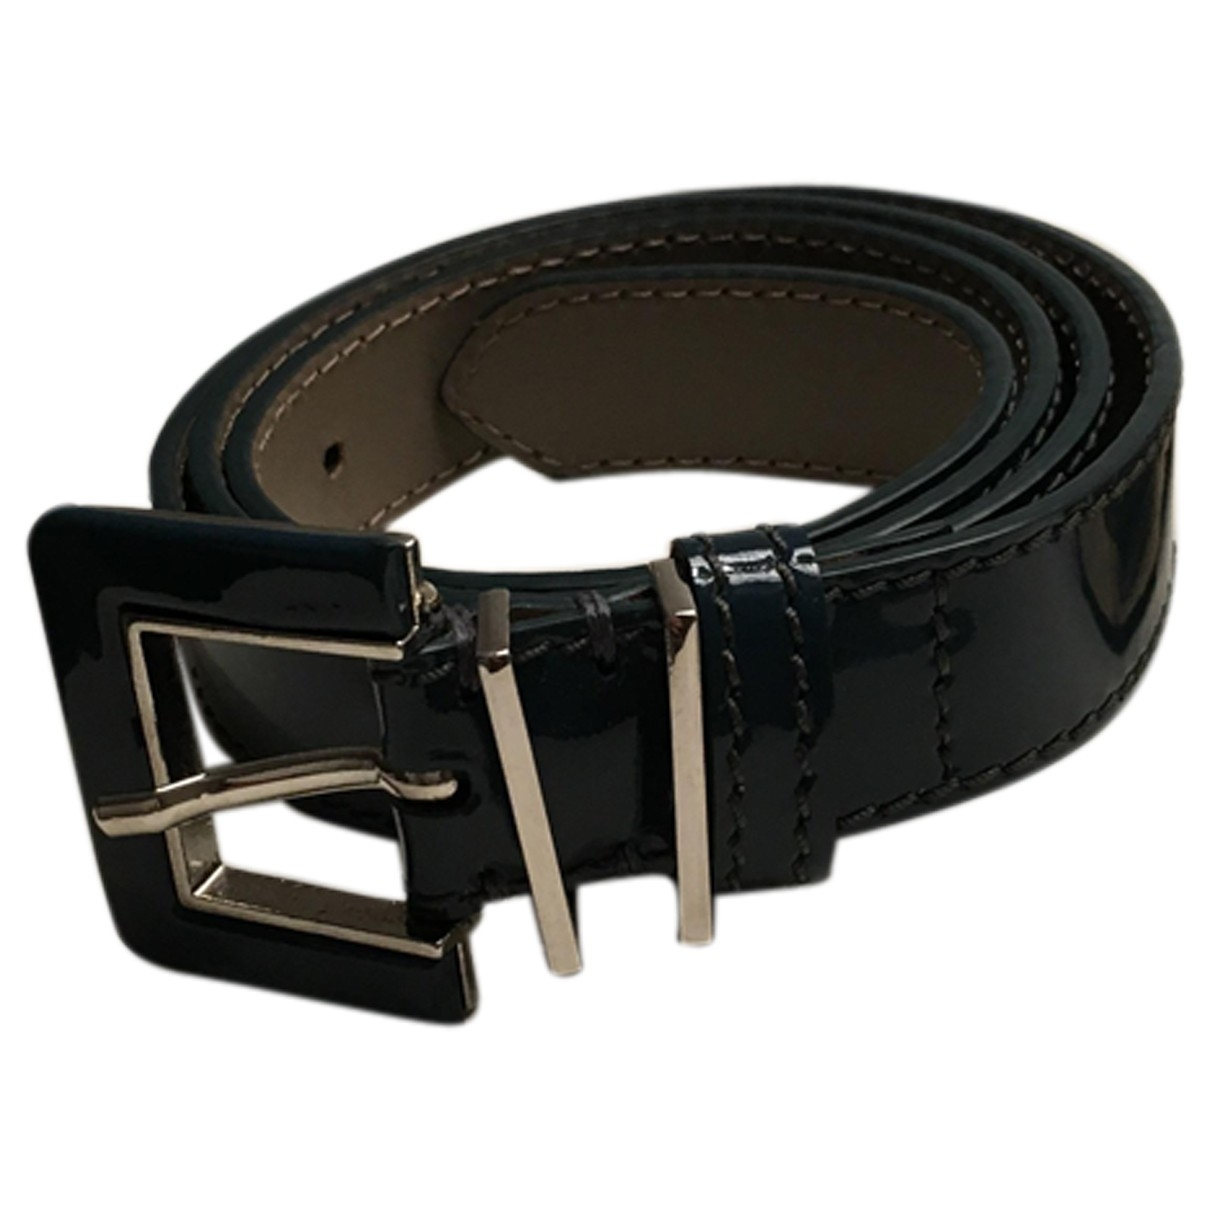 Lk Bennett \N Green Leather belt for Women M International